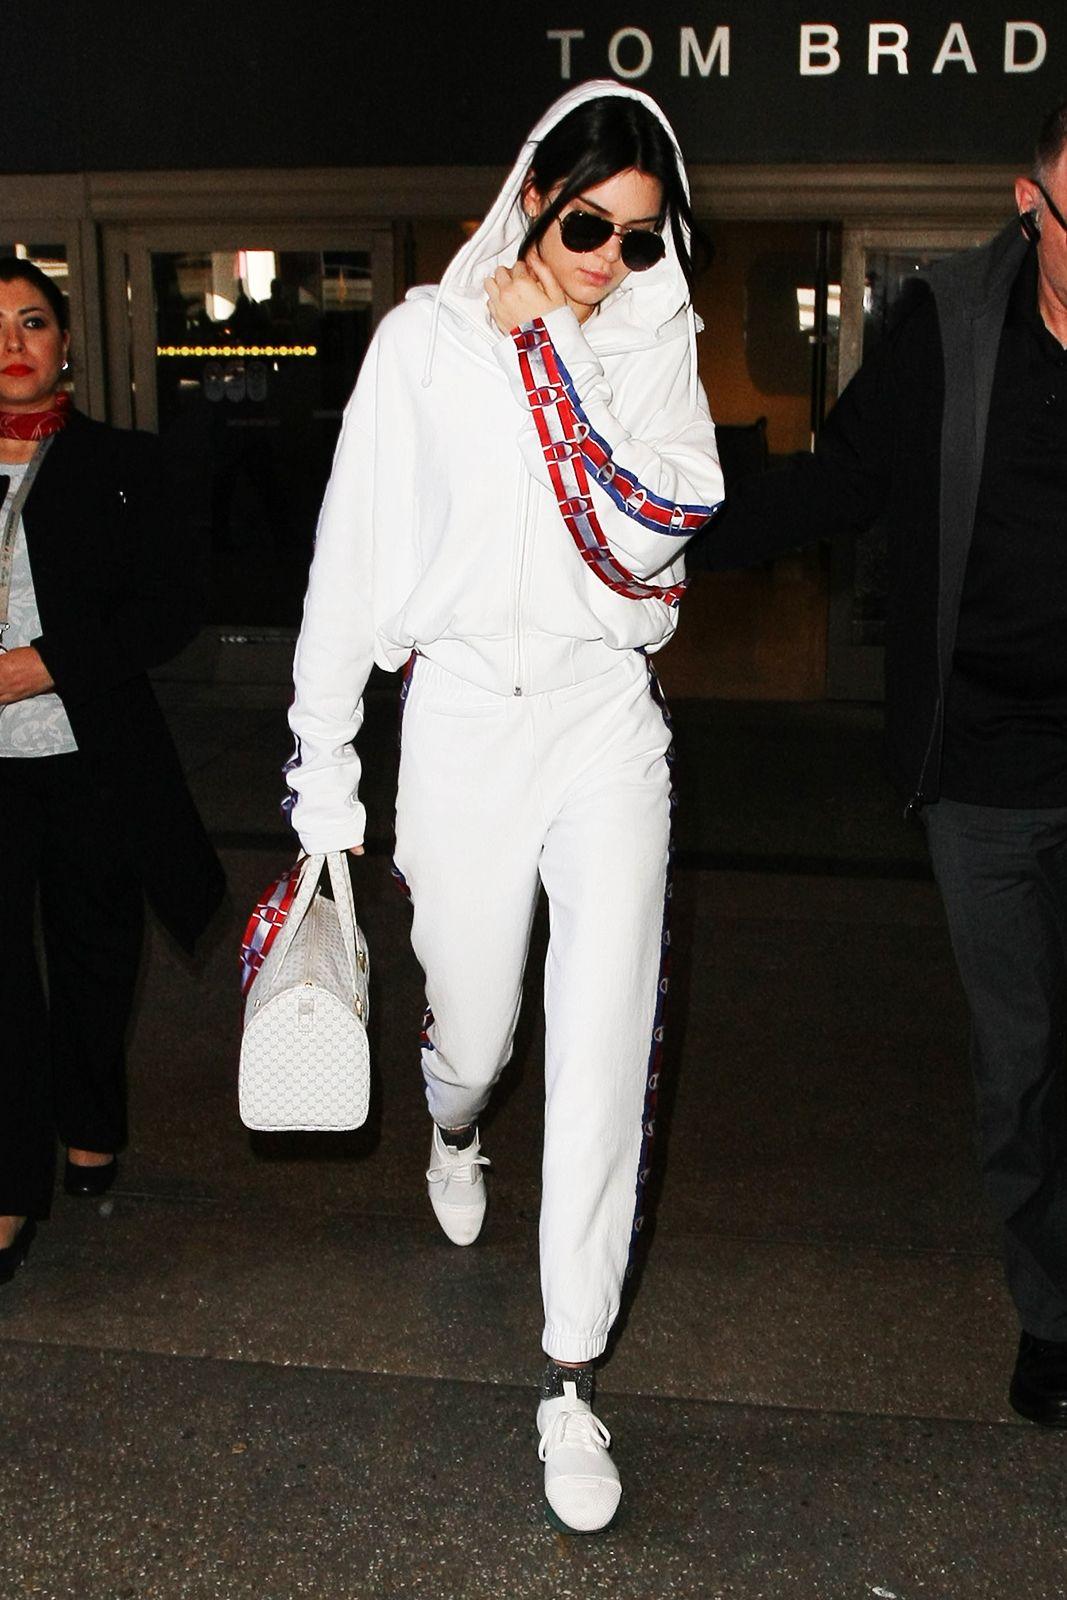 Người mẫu thế hệ mới Kendall Jenner cũng hiểu rõ điều này khi chọn cho mình một thiết kế đồ thể thao bắt mắt từ bộ sưu tập Xuân Hè 2017 của Vetements để xuất hiện tại sân bay.